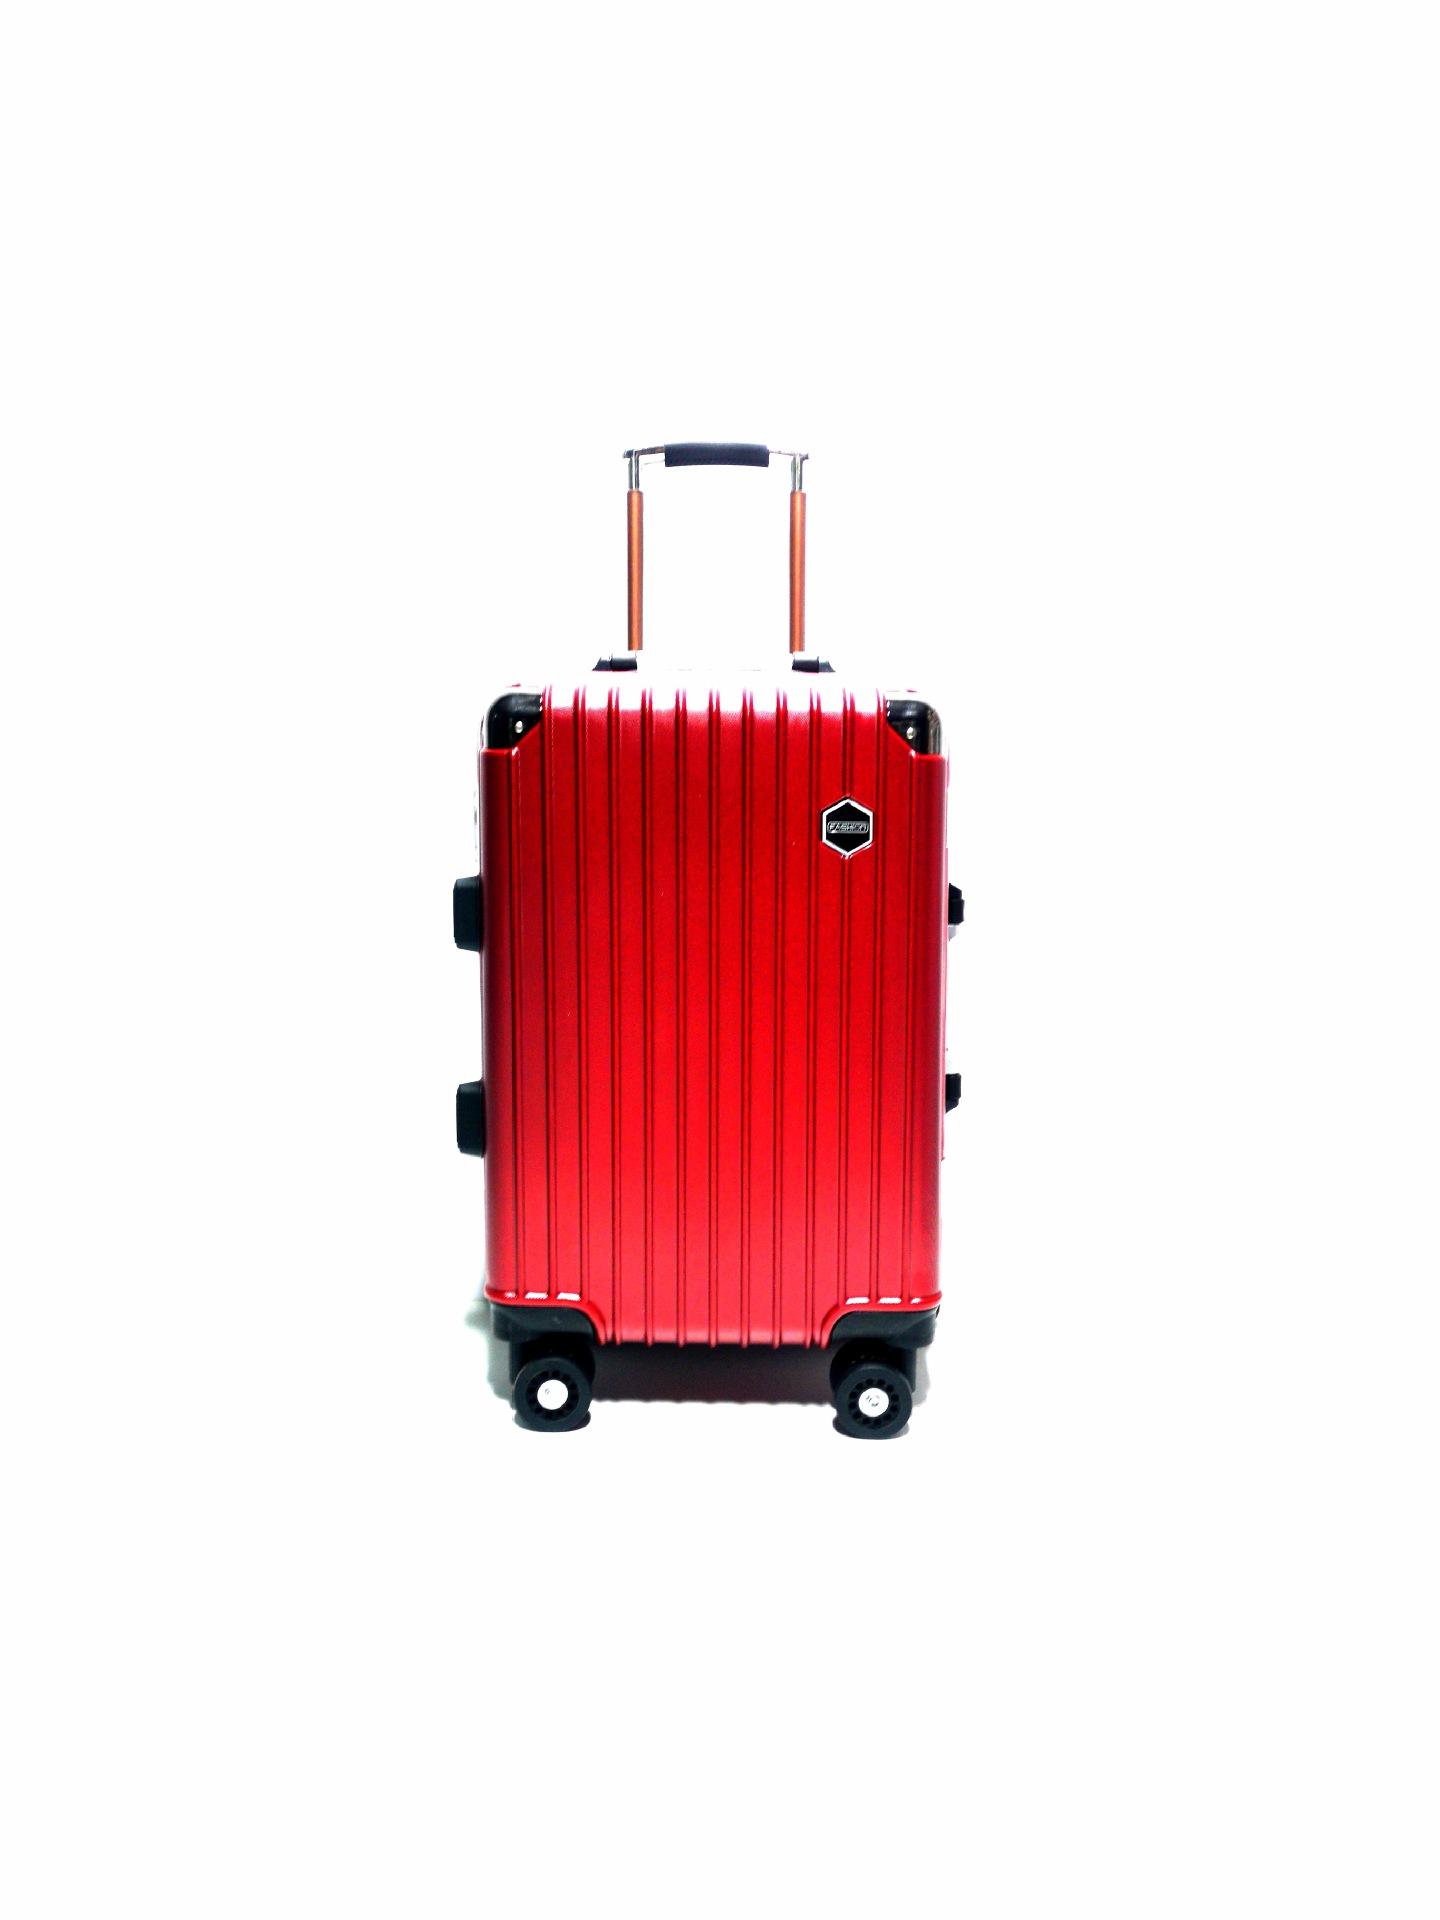 VaLi hành lý Hành lý phổ quát bánh xe hành lý abs + pc trường hợp xe đẩy 20 inch lên máy bay hành lý